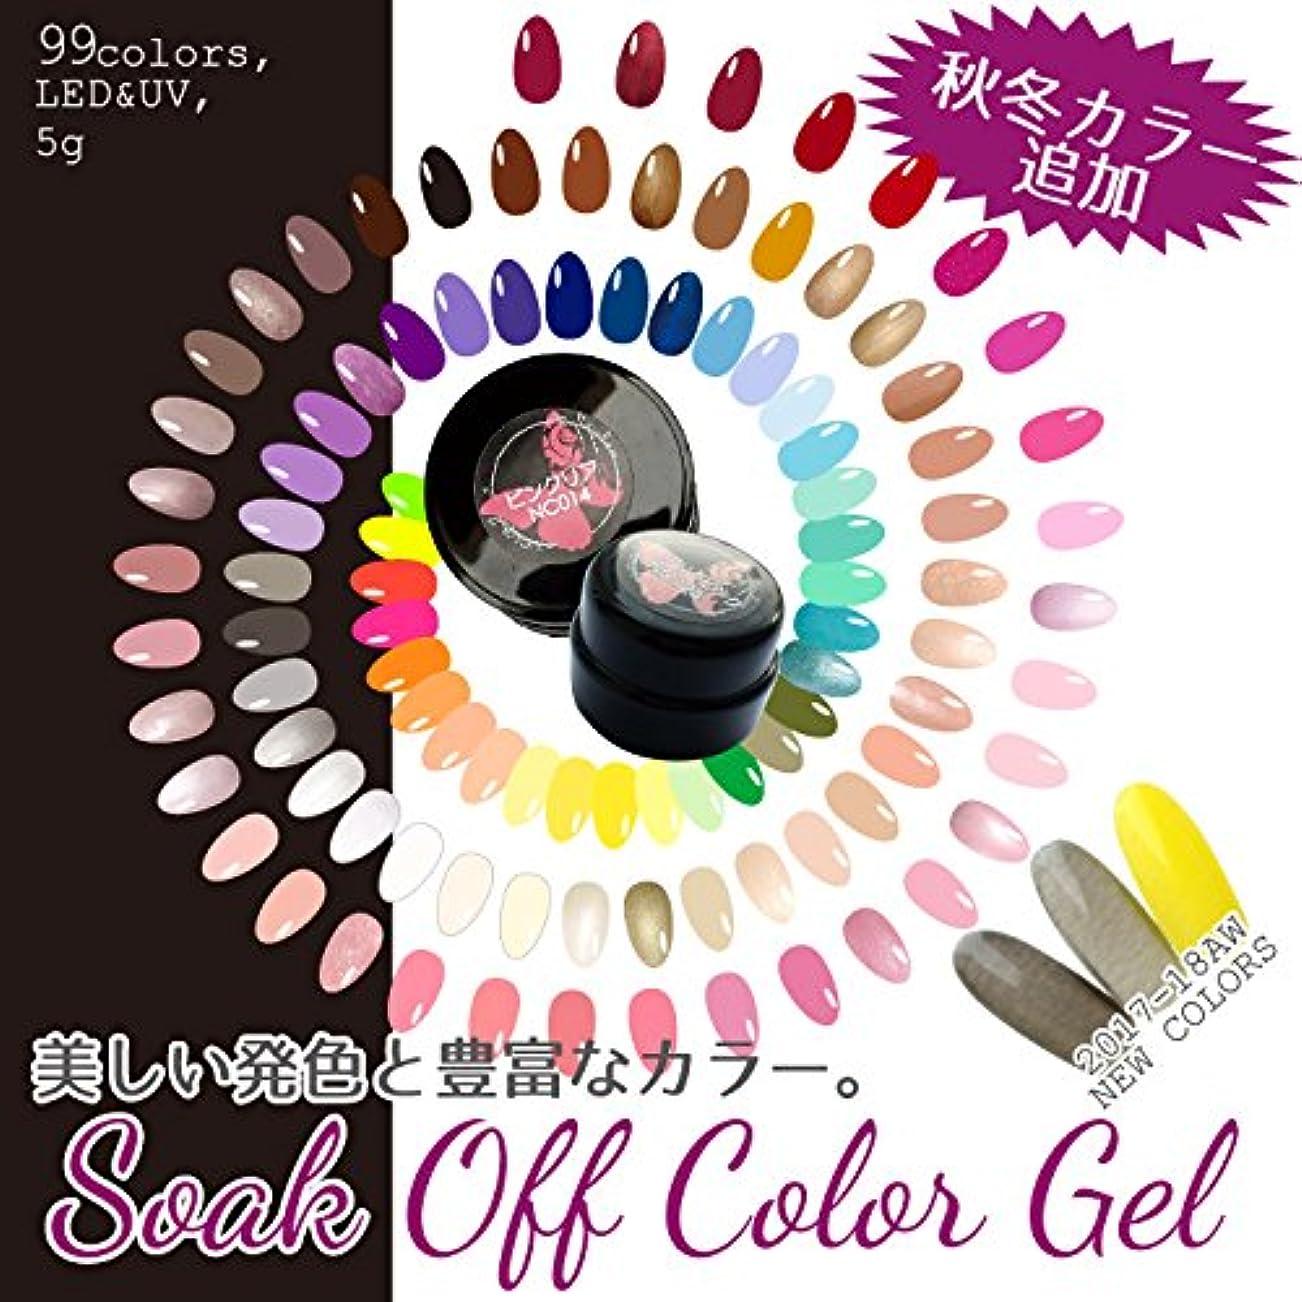 ジェルネイル《抜群の発色!》Premium Gel ソークオフ プレミアムカラージェル(5g) (NC010 コーラルピンク)